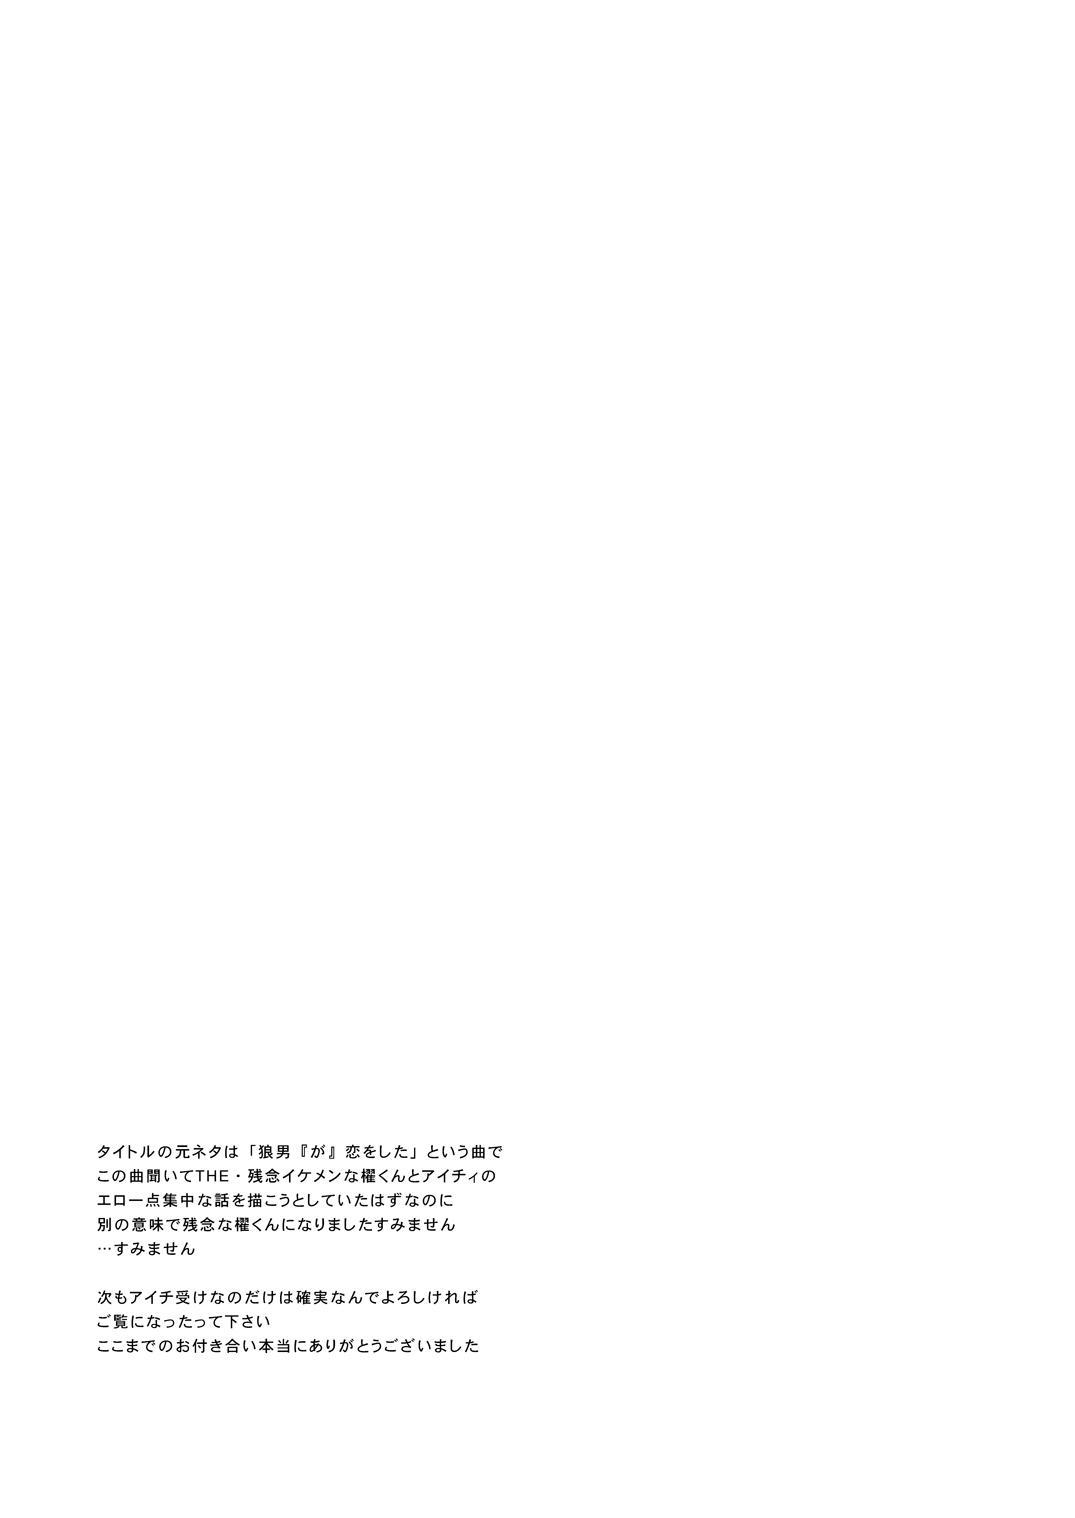 Ookami Otoko ni Koi o Shita 31